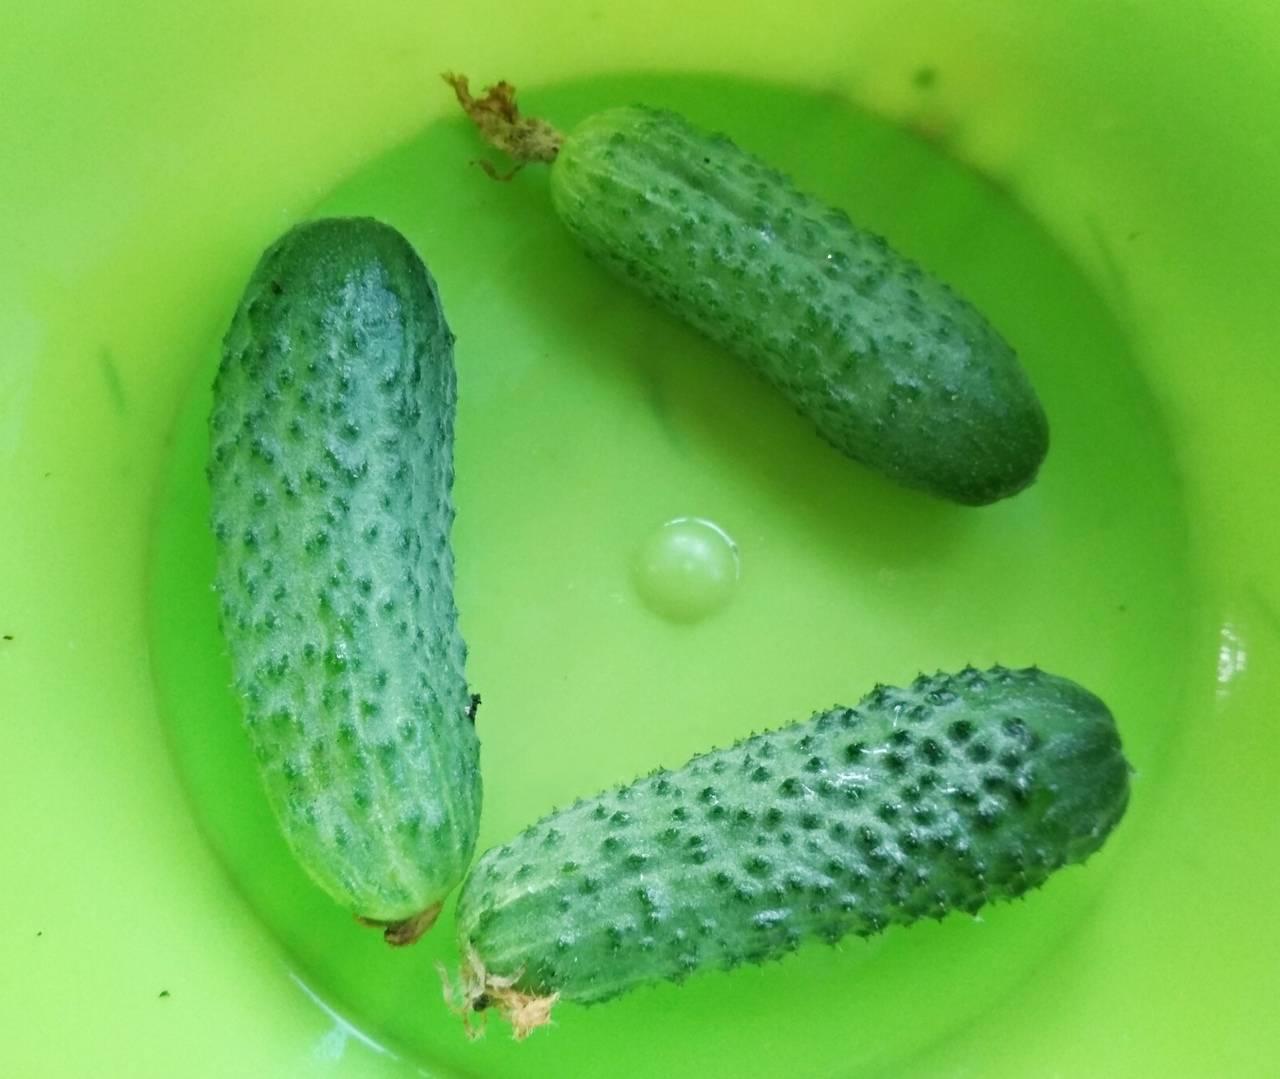 Огурец погребок f1: характеристика и описание сорта, фото, посадка и уход, отзывы о семенах гавриш